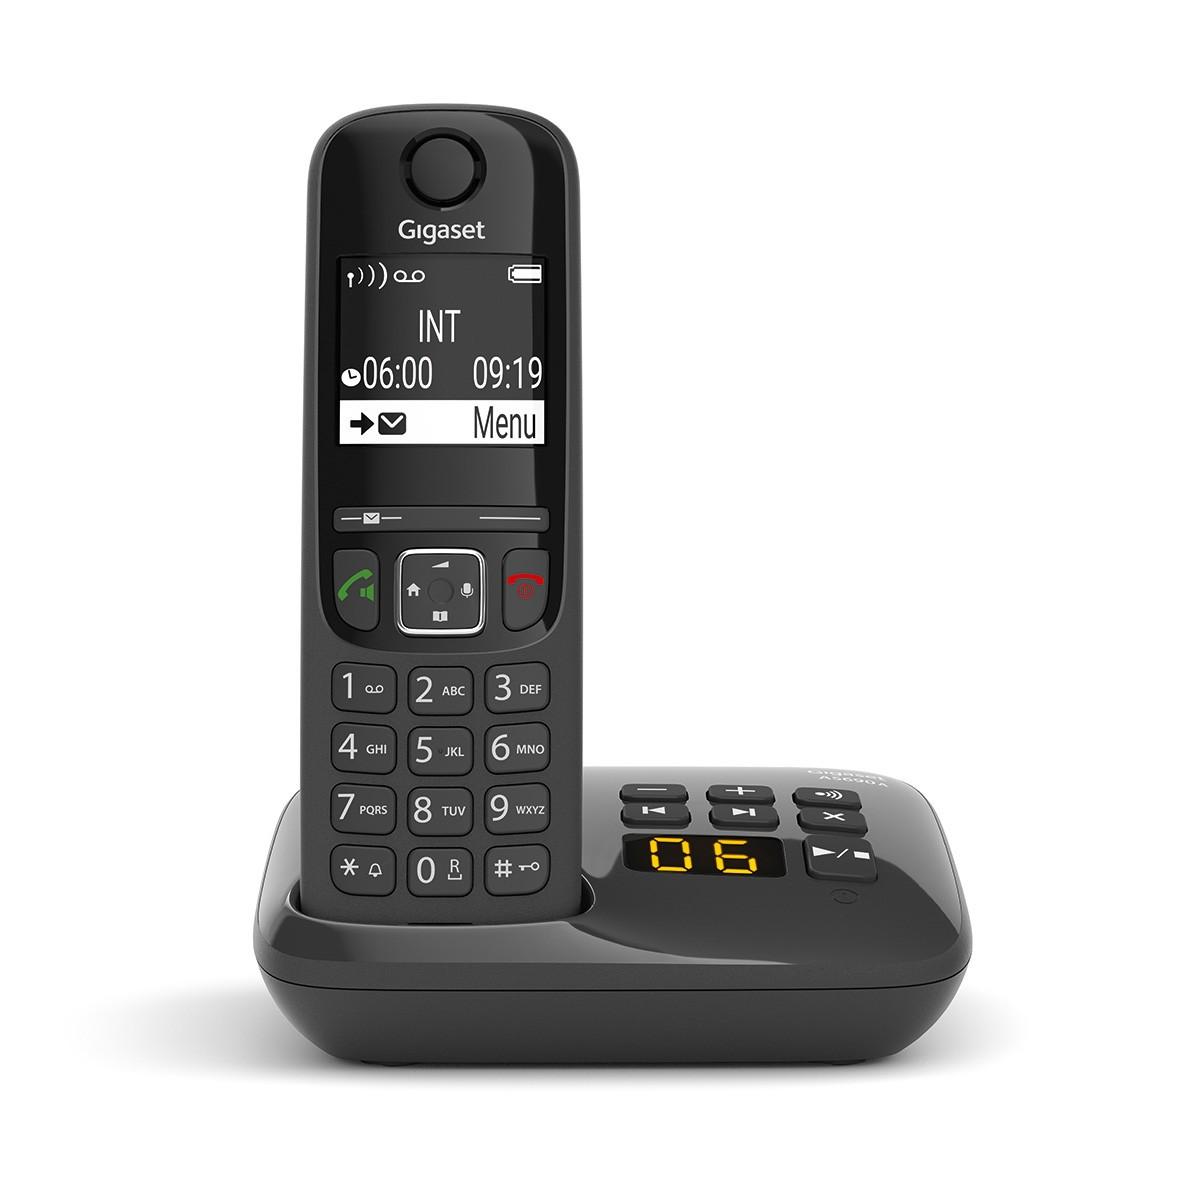 Ασύρματο Ψηφιακό Τηλέφωνο Gigaset AS690A Μαύρο με Αυτόματο Τηλεφωνητή